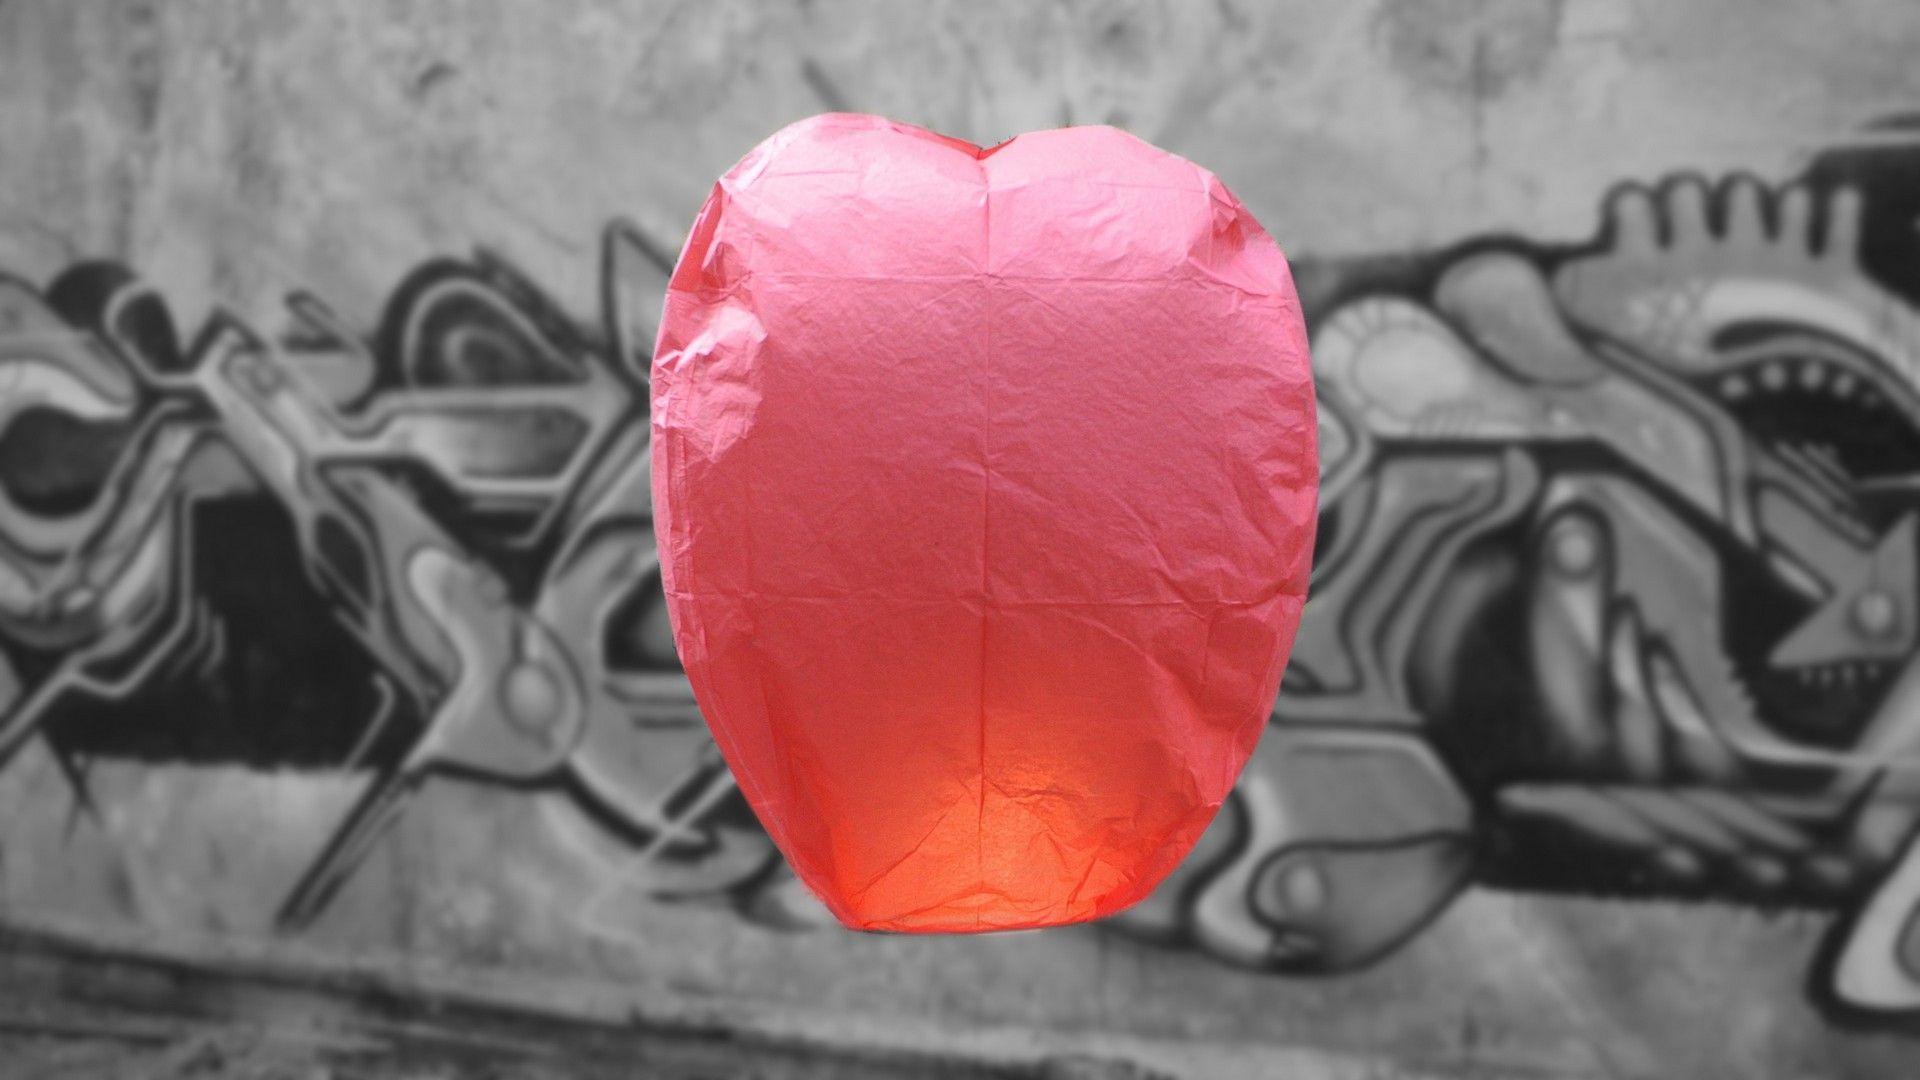 Rode Wens Ballon - Vliegende Lantaarn ProWens ballonnen hebben de klassieke vorm van een hete lucht ballonHoogte van de lantaarn is 75 cmDe lantaarns hebben een reeds gemonteerde en afgeschermde brander,...